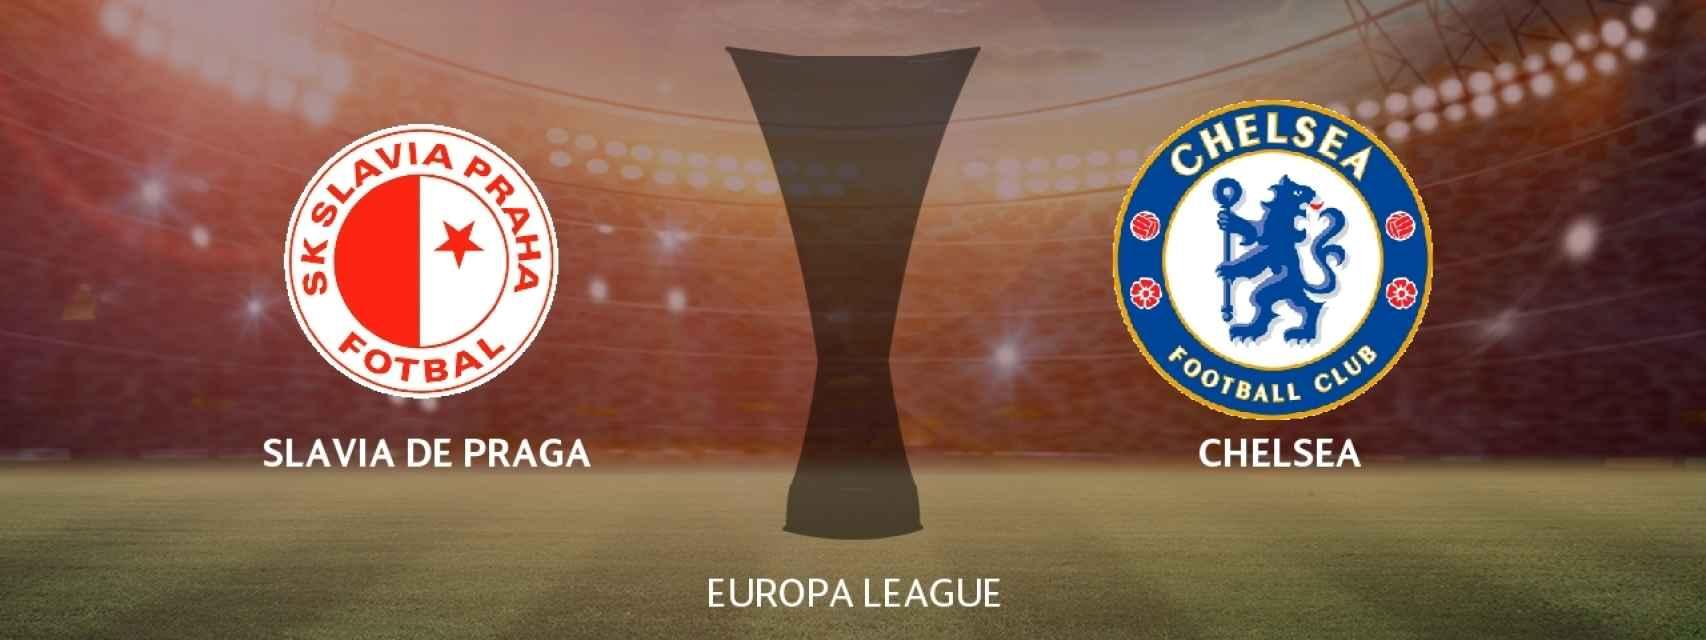 Slavia de Praga - Chelsea